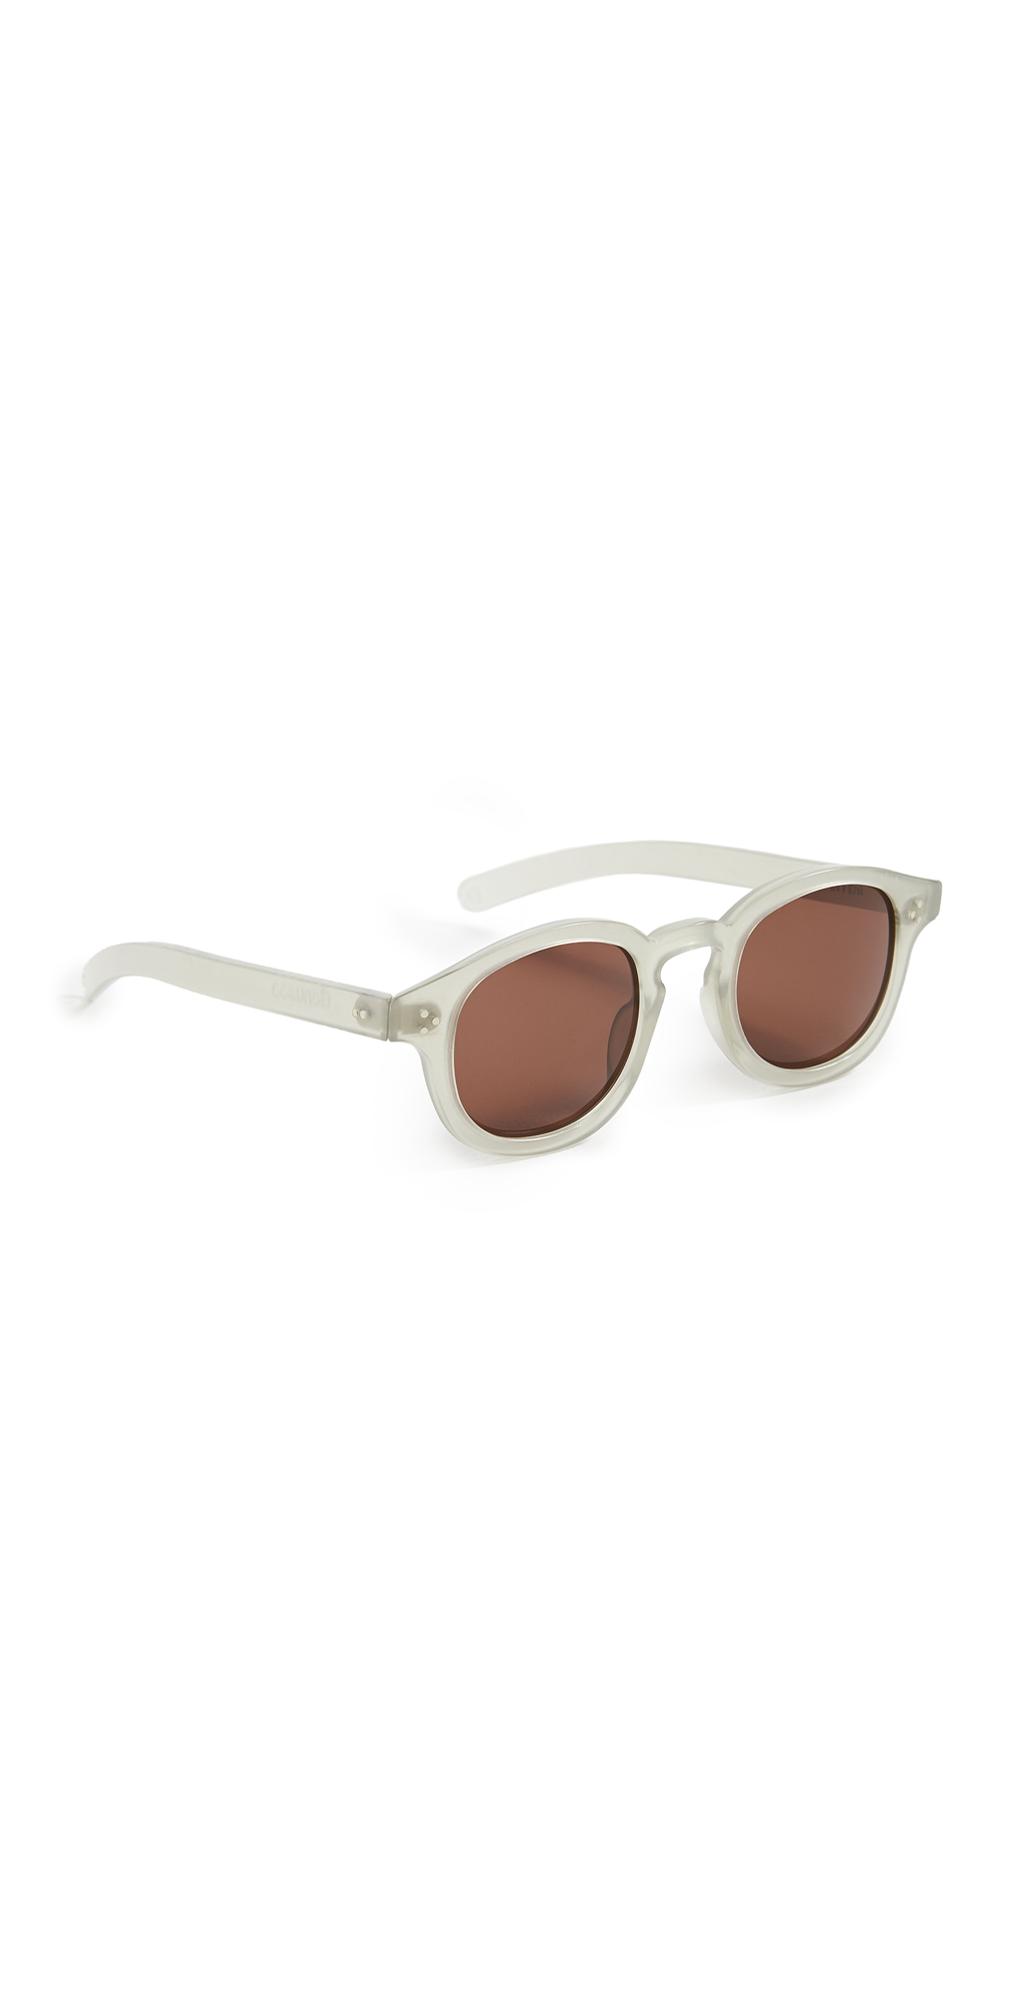 Roeper CR 39 Sunglasses